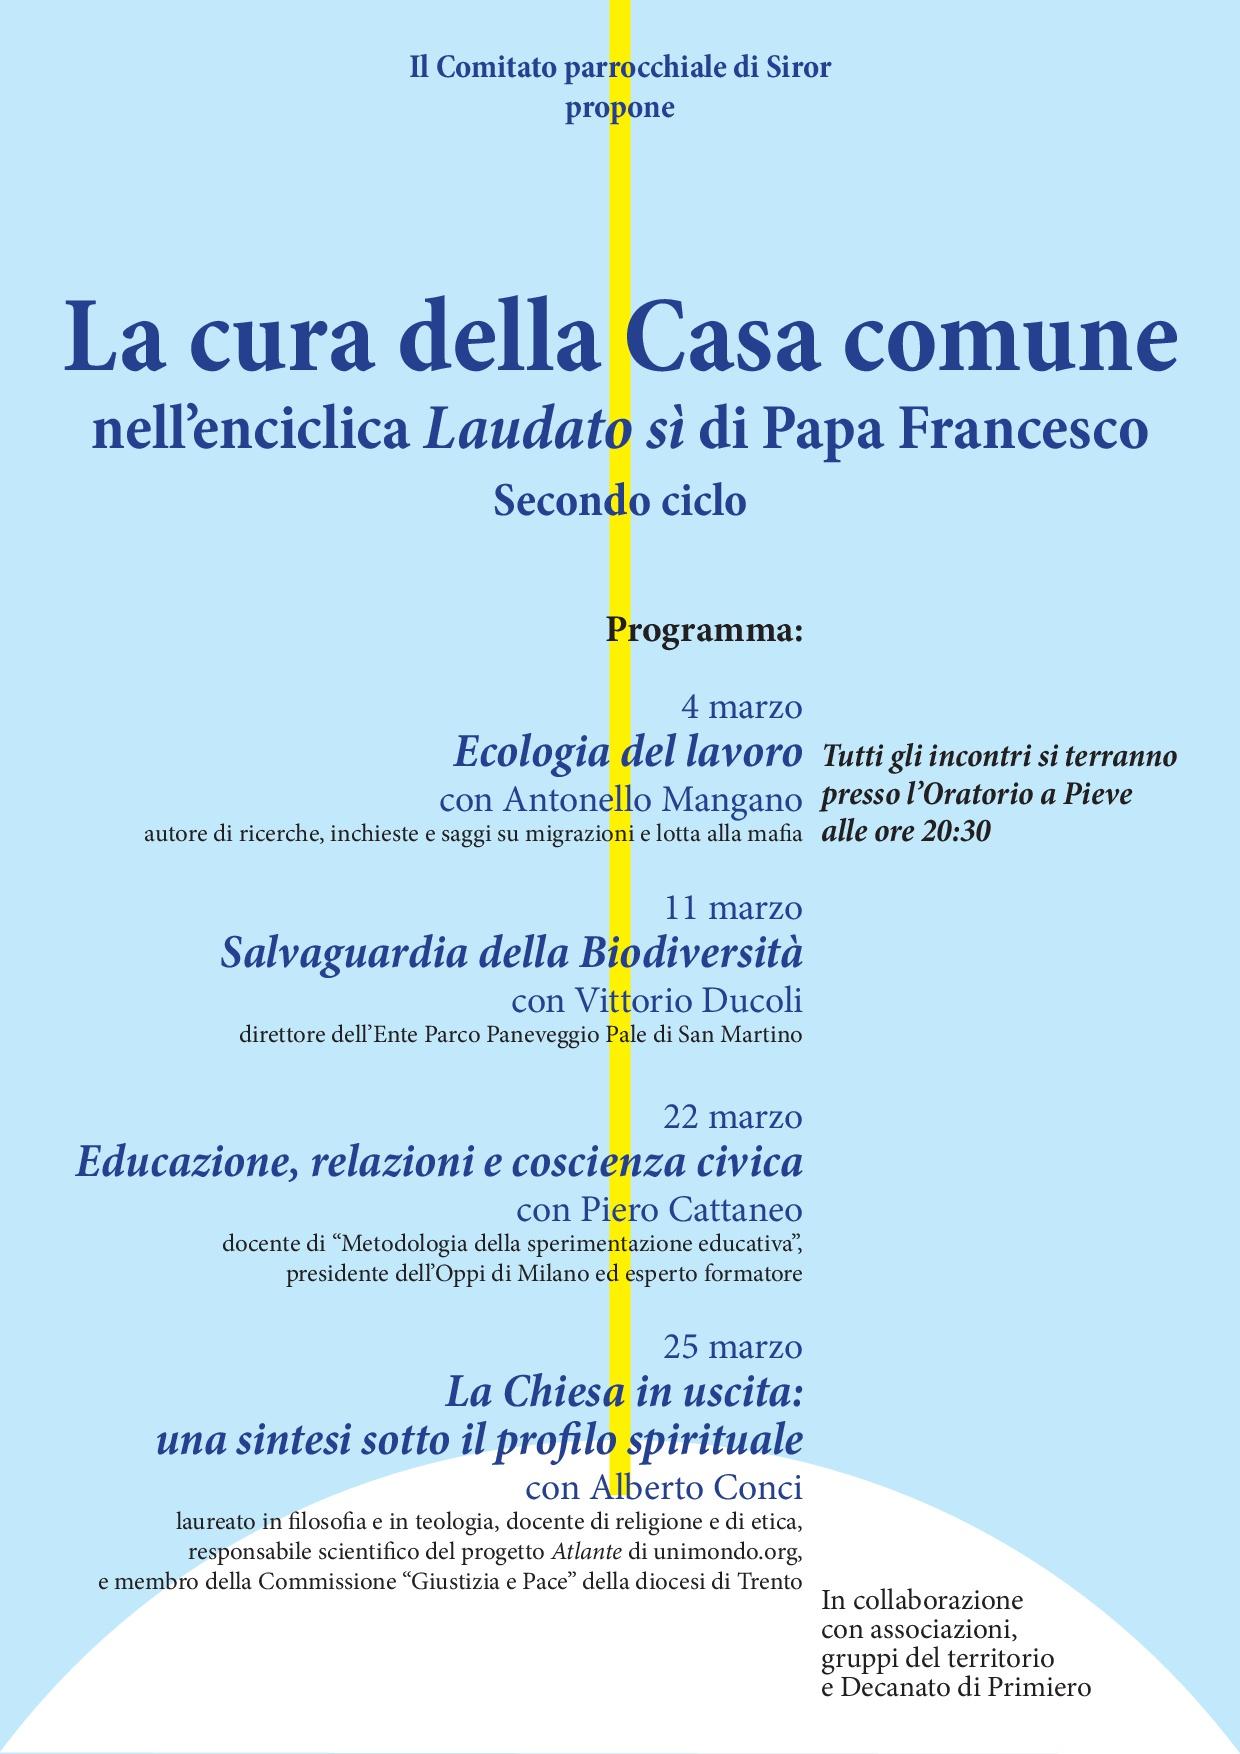 locandina Laudato sì marzo 2019